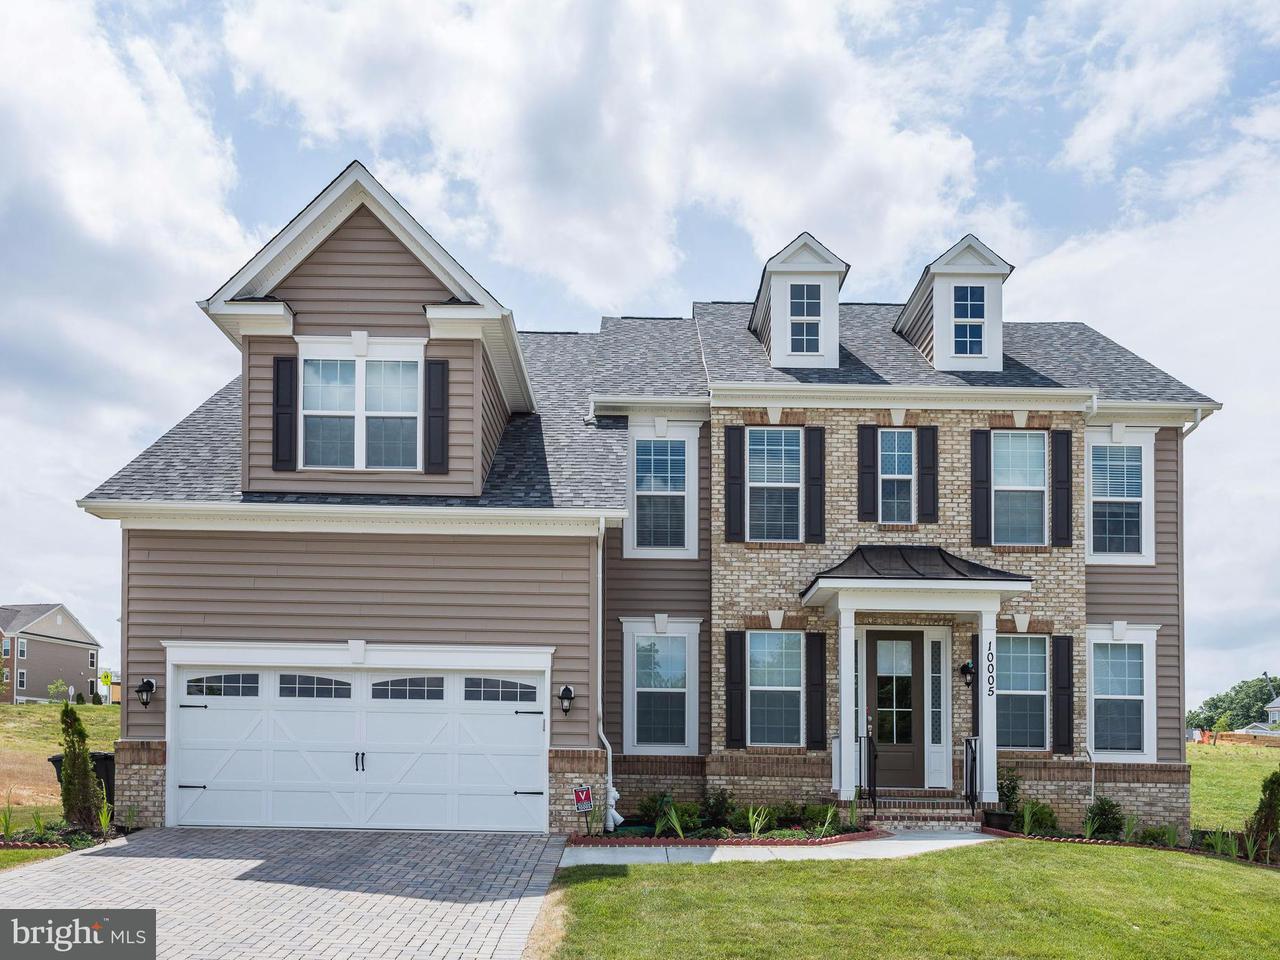 独户住宅 为 销售 在 10023 Fennel Way 10023 Fennel Way Laurel, 马里兰州 20723 美国